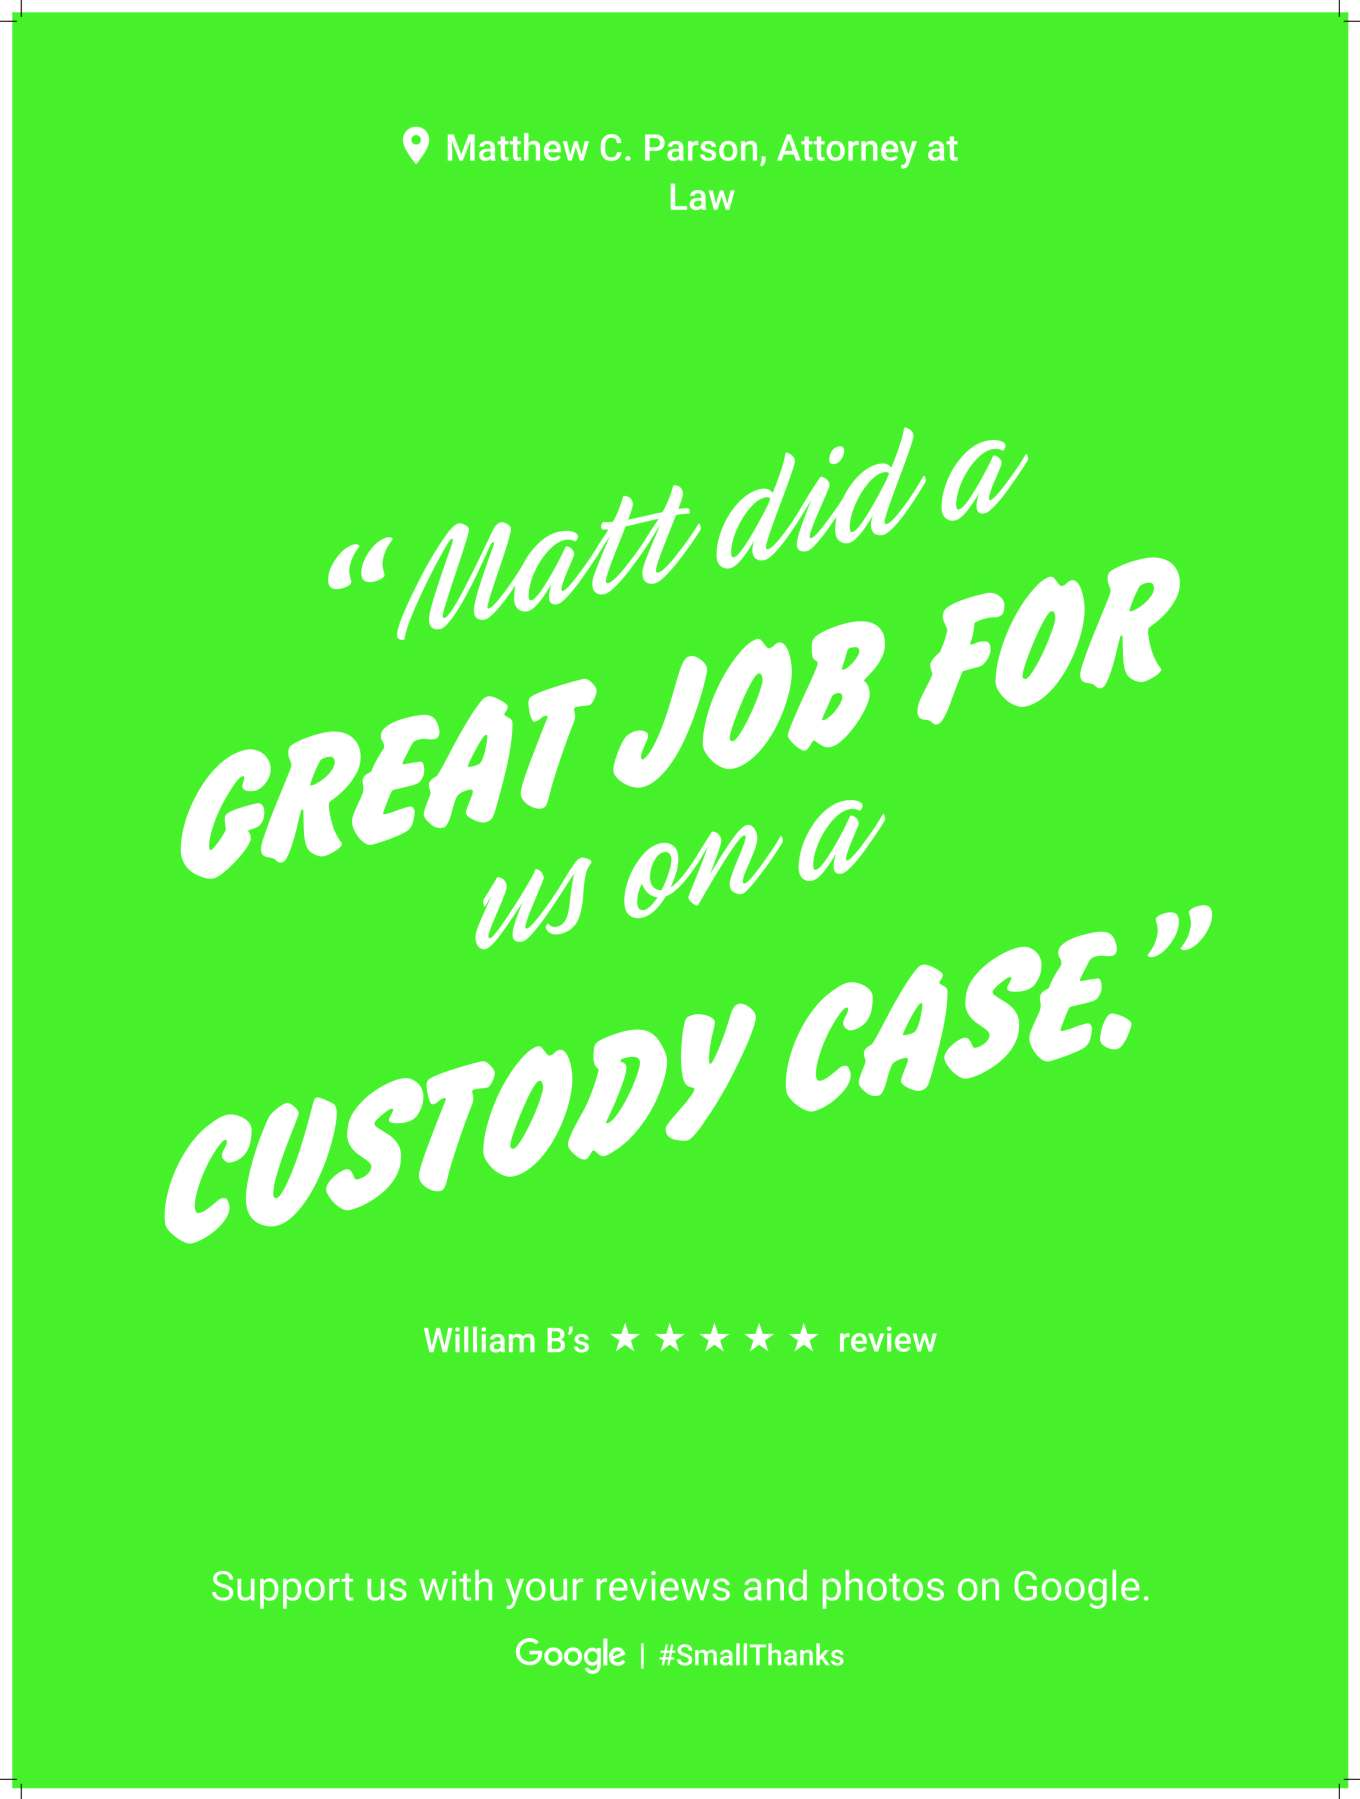 Great Job on Custody Case Smaller.jpg